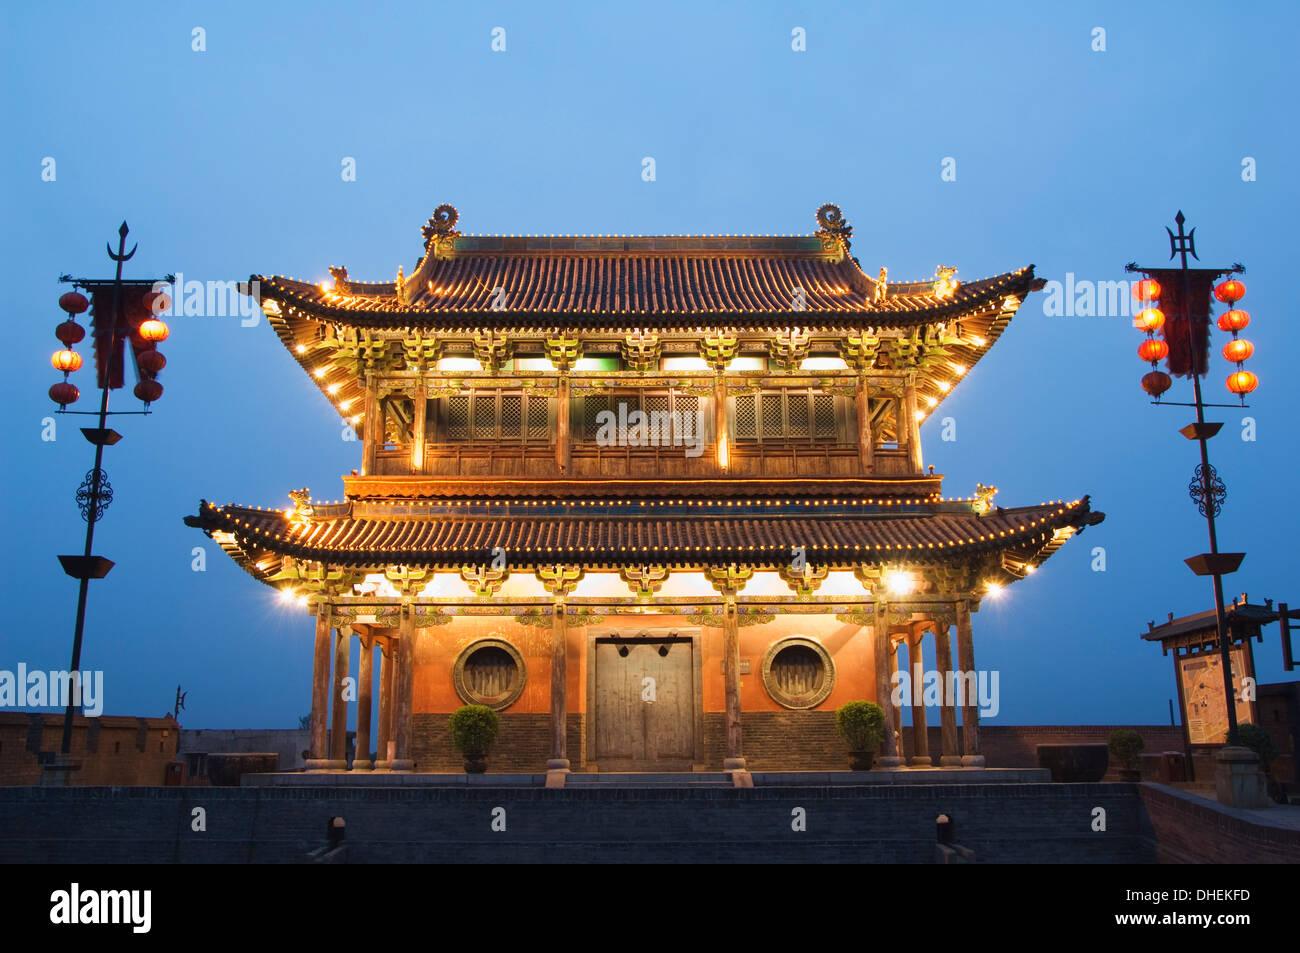 La tour de la porte sur le dernier mur de la ville intacte Dynastie Ming en Chine, Chengdu City, l'UNESCO, la province de Shanxi, Chine Photo Stock